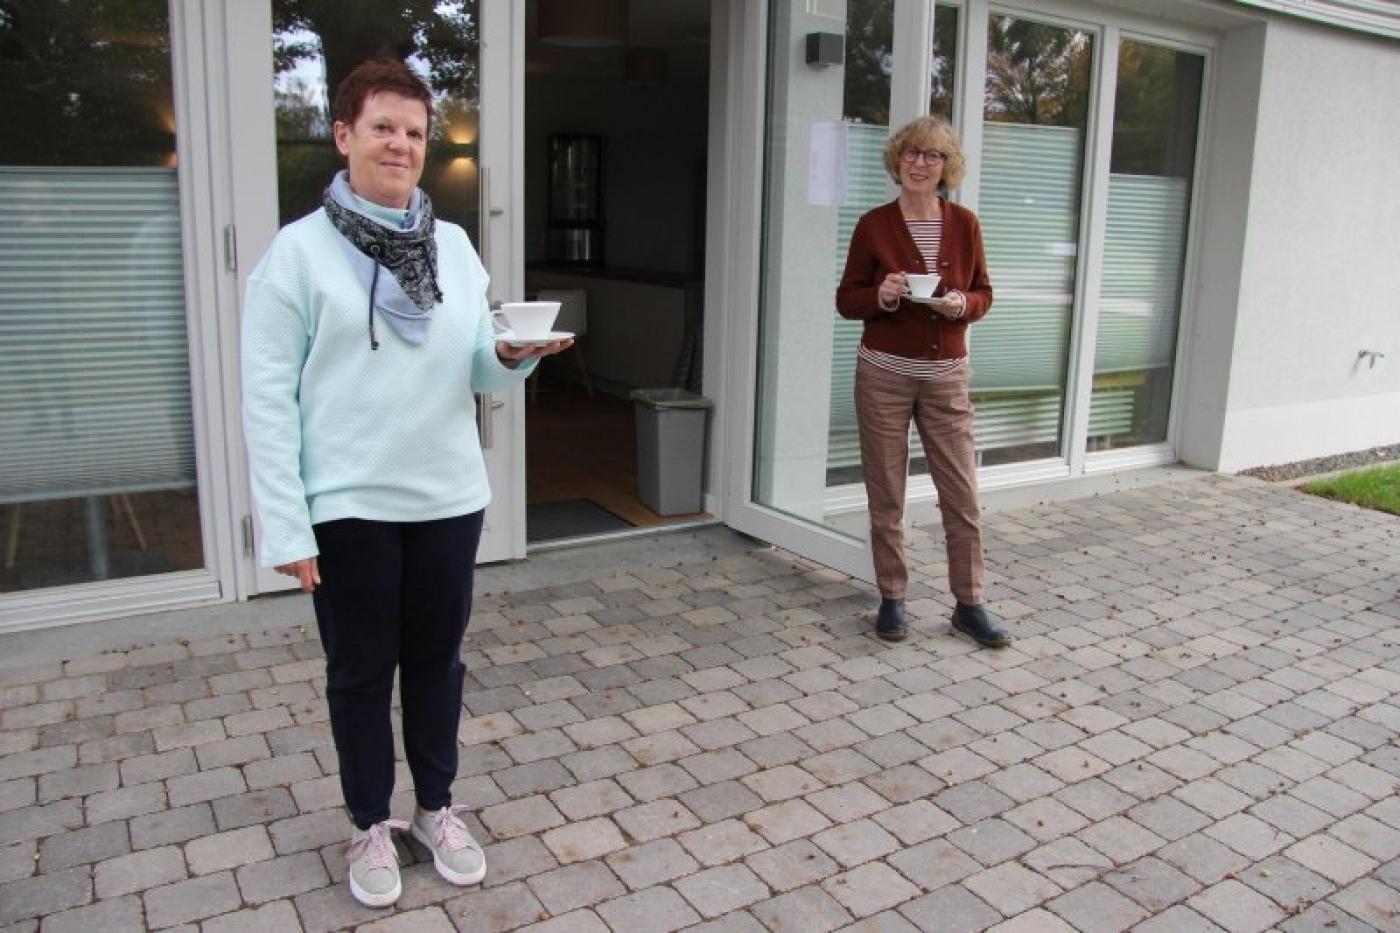 Der Café-Betrieb wird in Hörstmar schon geprobt